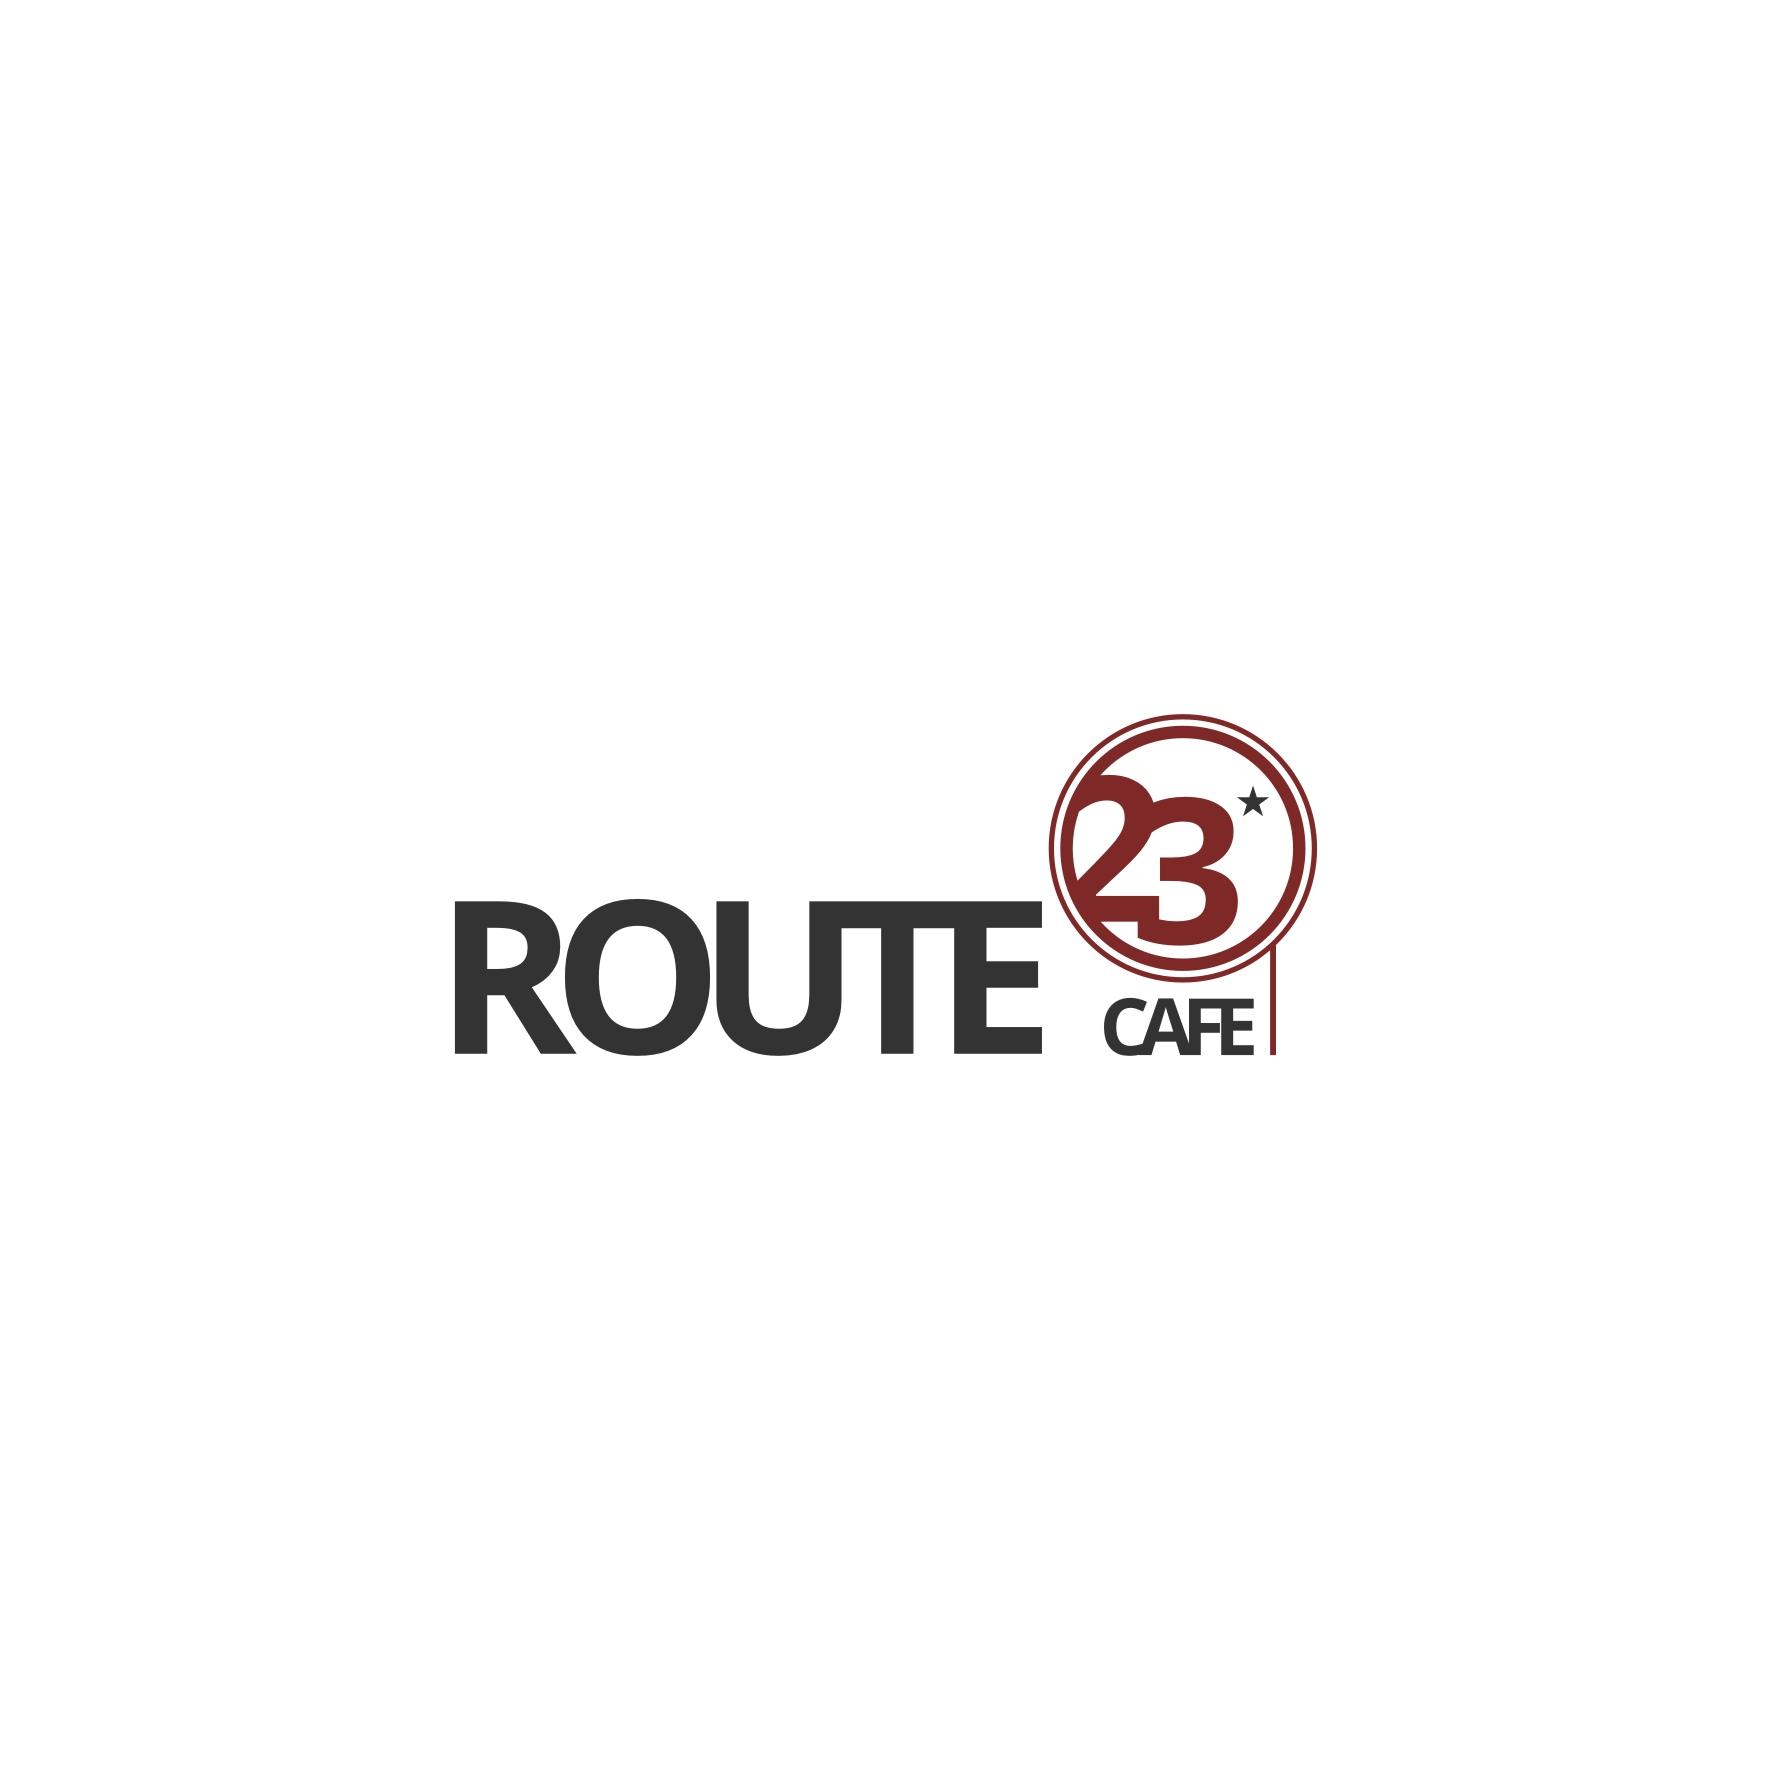 https://0501.nccdn.net/4_2/000/000/076/de9/route23_by_koukida.jpg